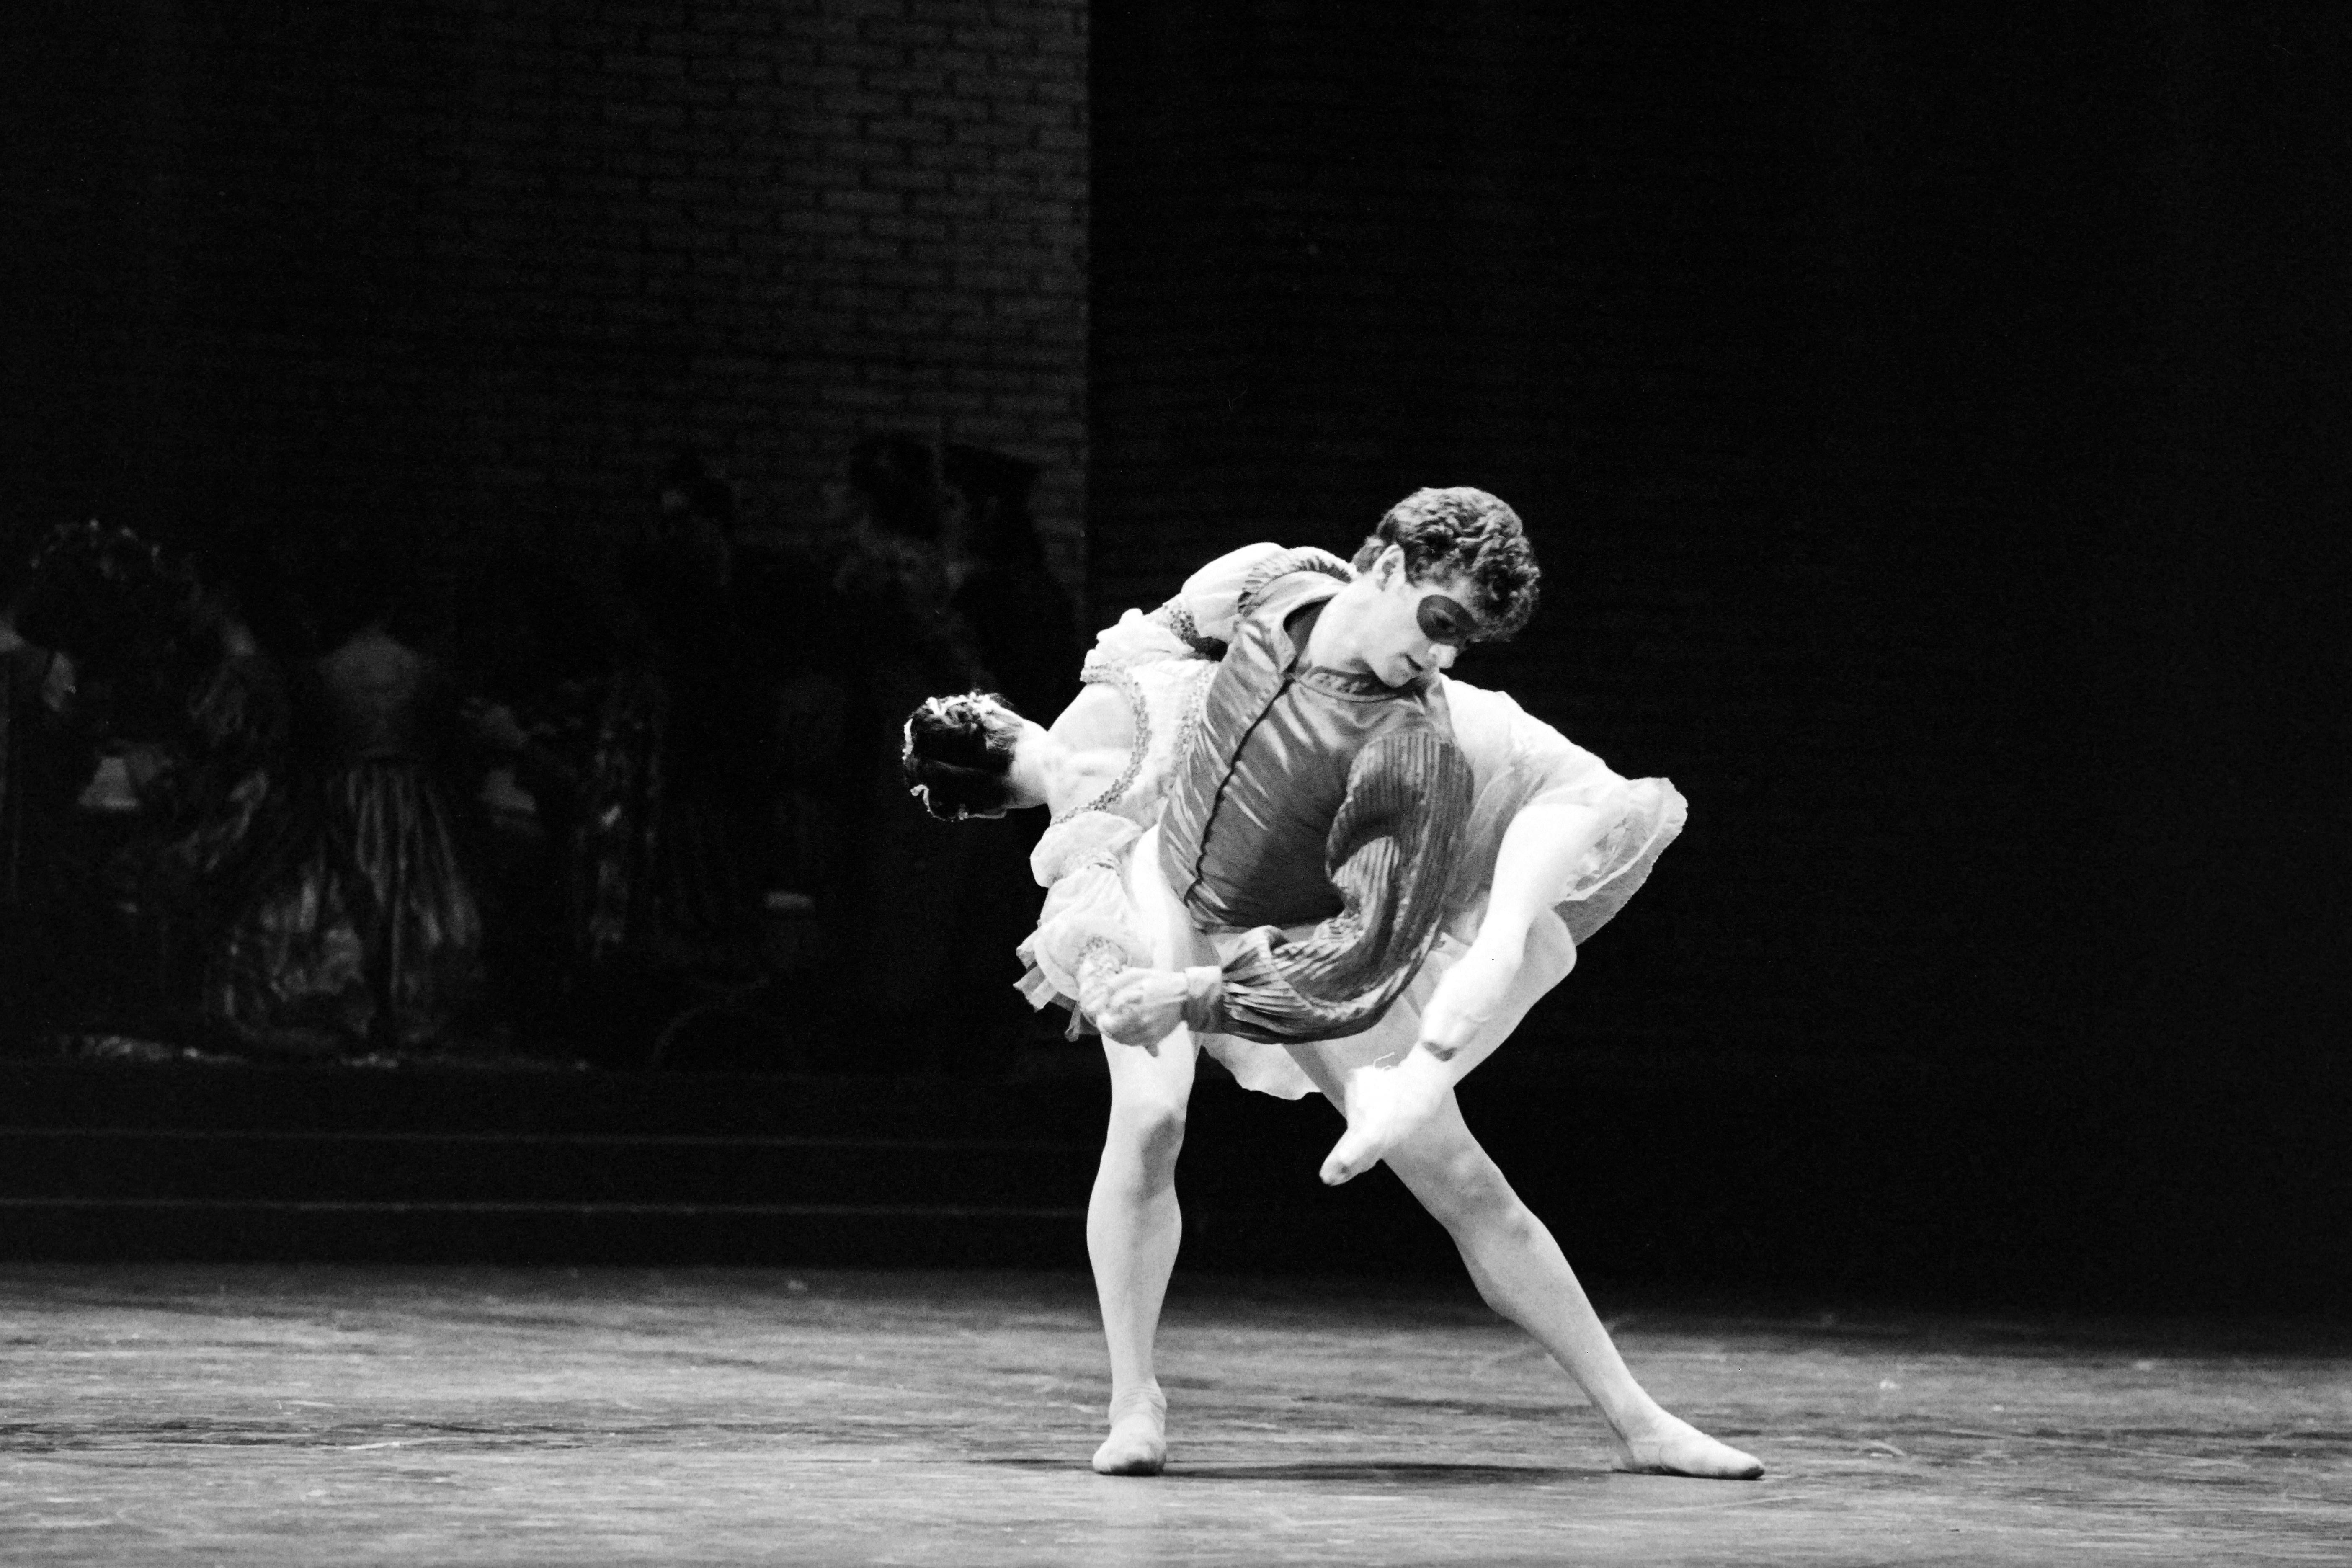 Meghalt Alain Delon filmbeli ellenfele, a világ egyik legnagyobb balettművésze